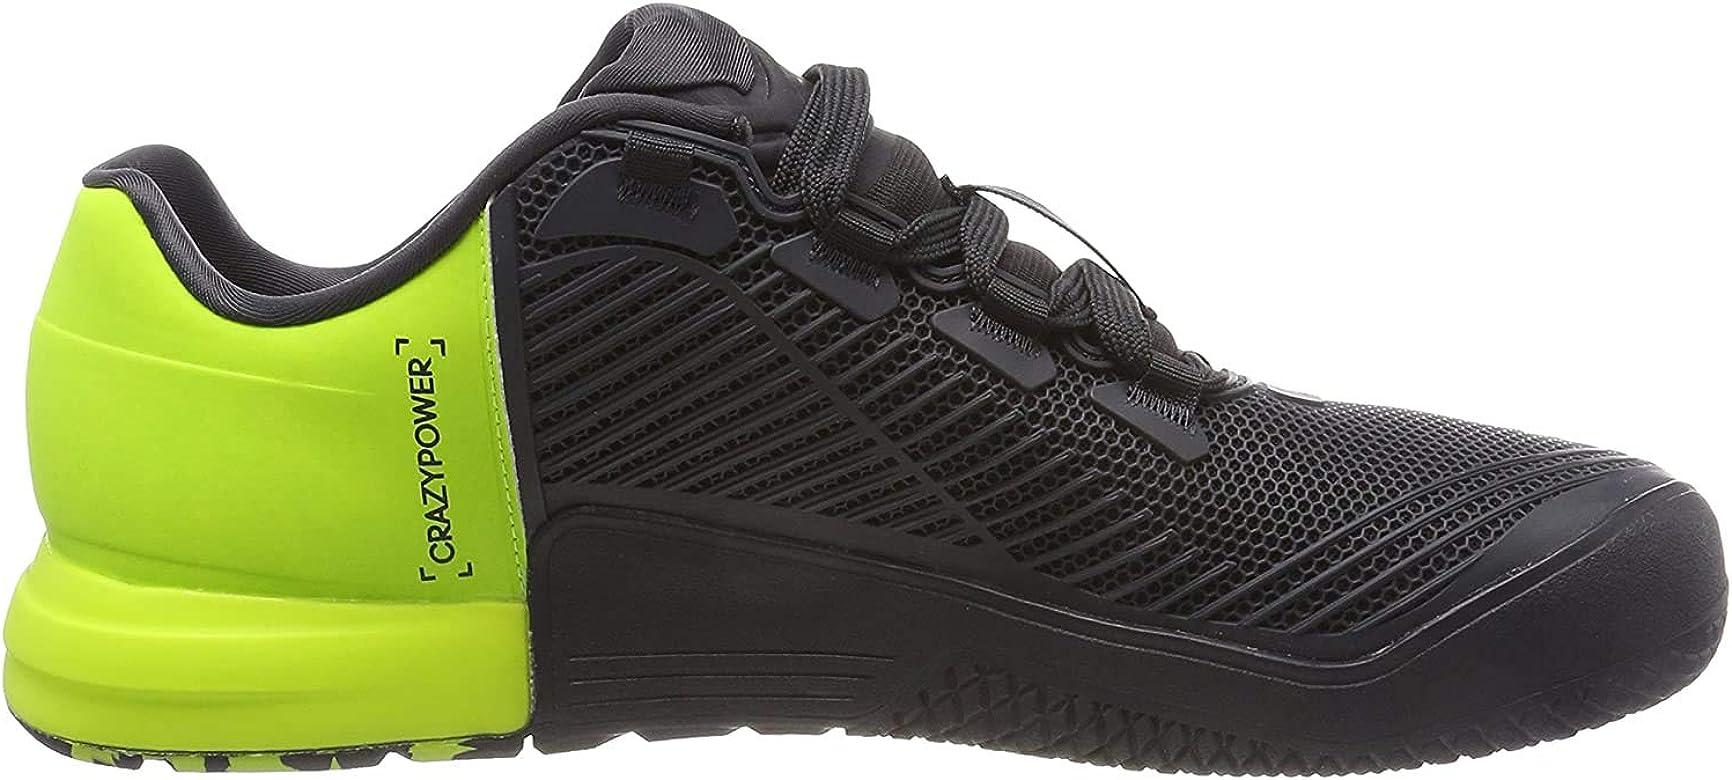 Adidas CrazyPower TR M, Zapatillas de Deporte para Hombre, Gris (Carbon/Negbas/Negbas 000), 42 EU: Amazon.es: Zapatos y complementos